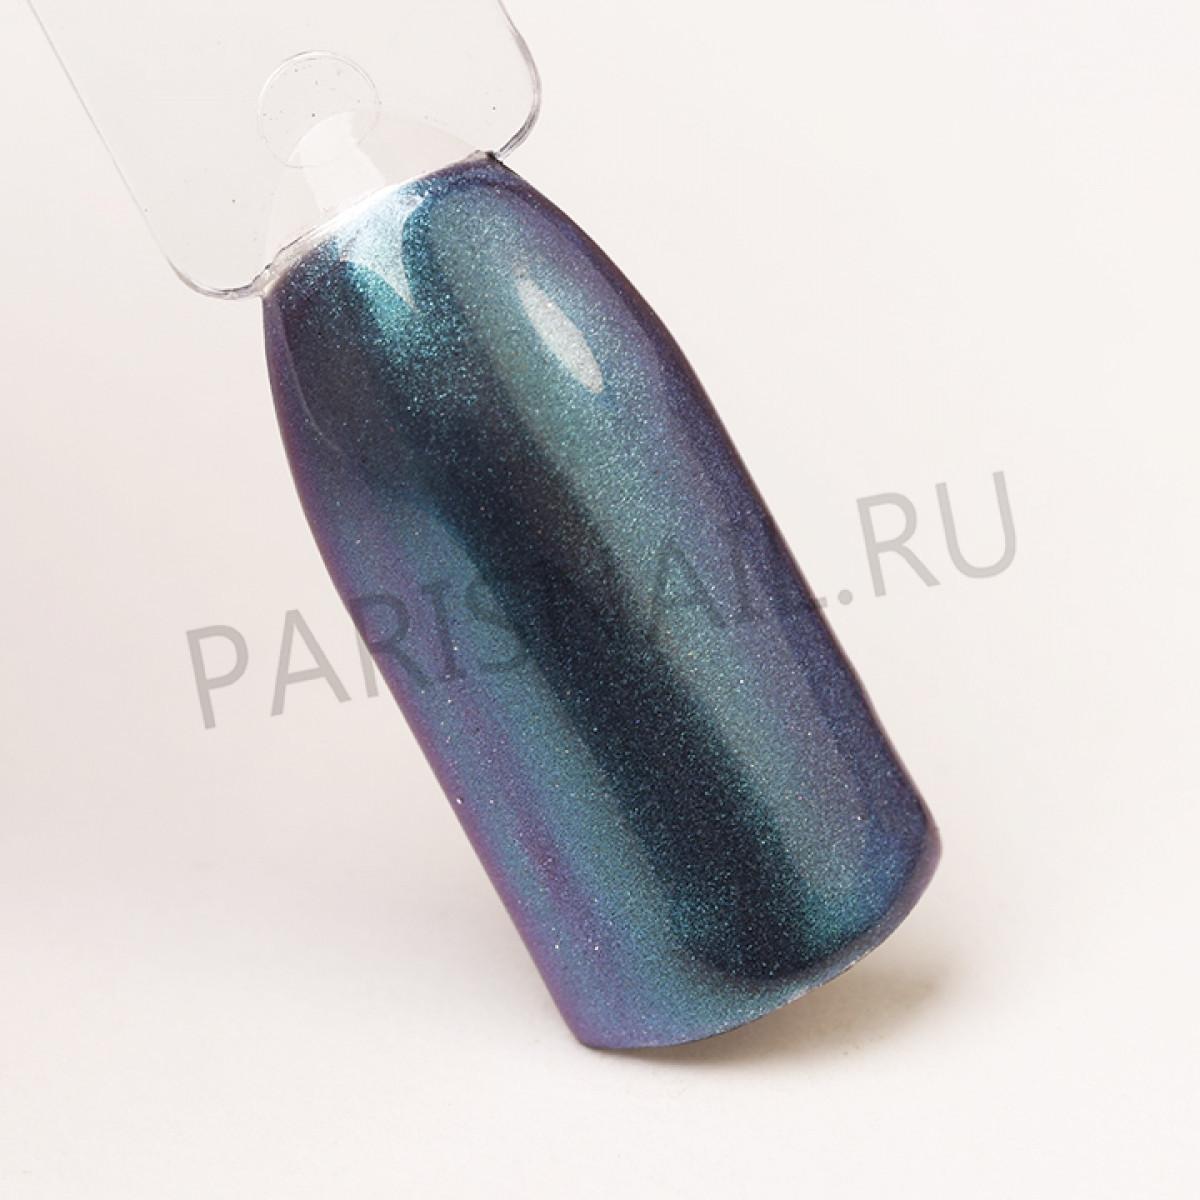 """Пигмент """"Изумрудный+фиолетовый+сапфировый с мелким шиммером"""", PG-23, LIANAIL"""